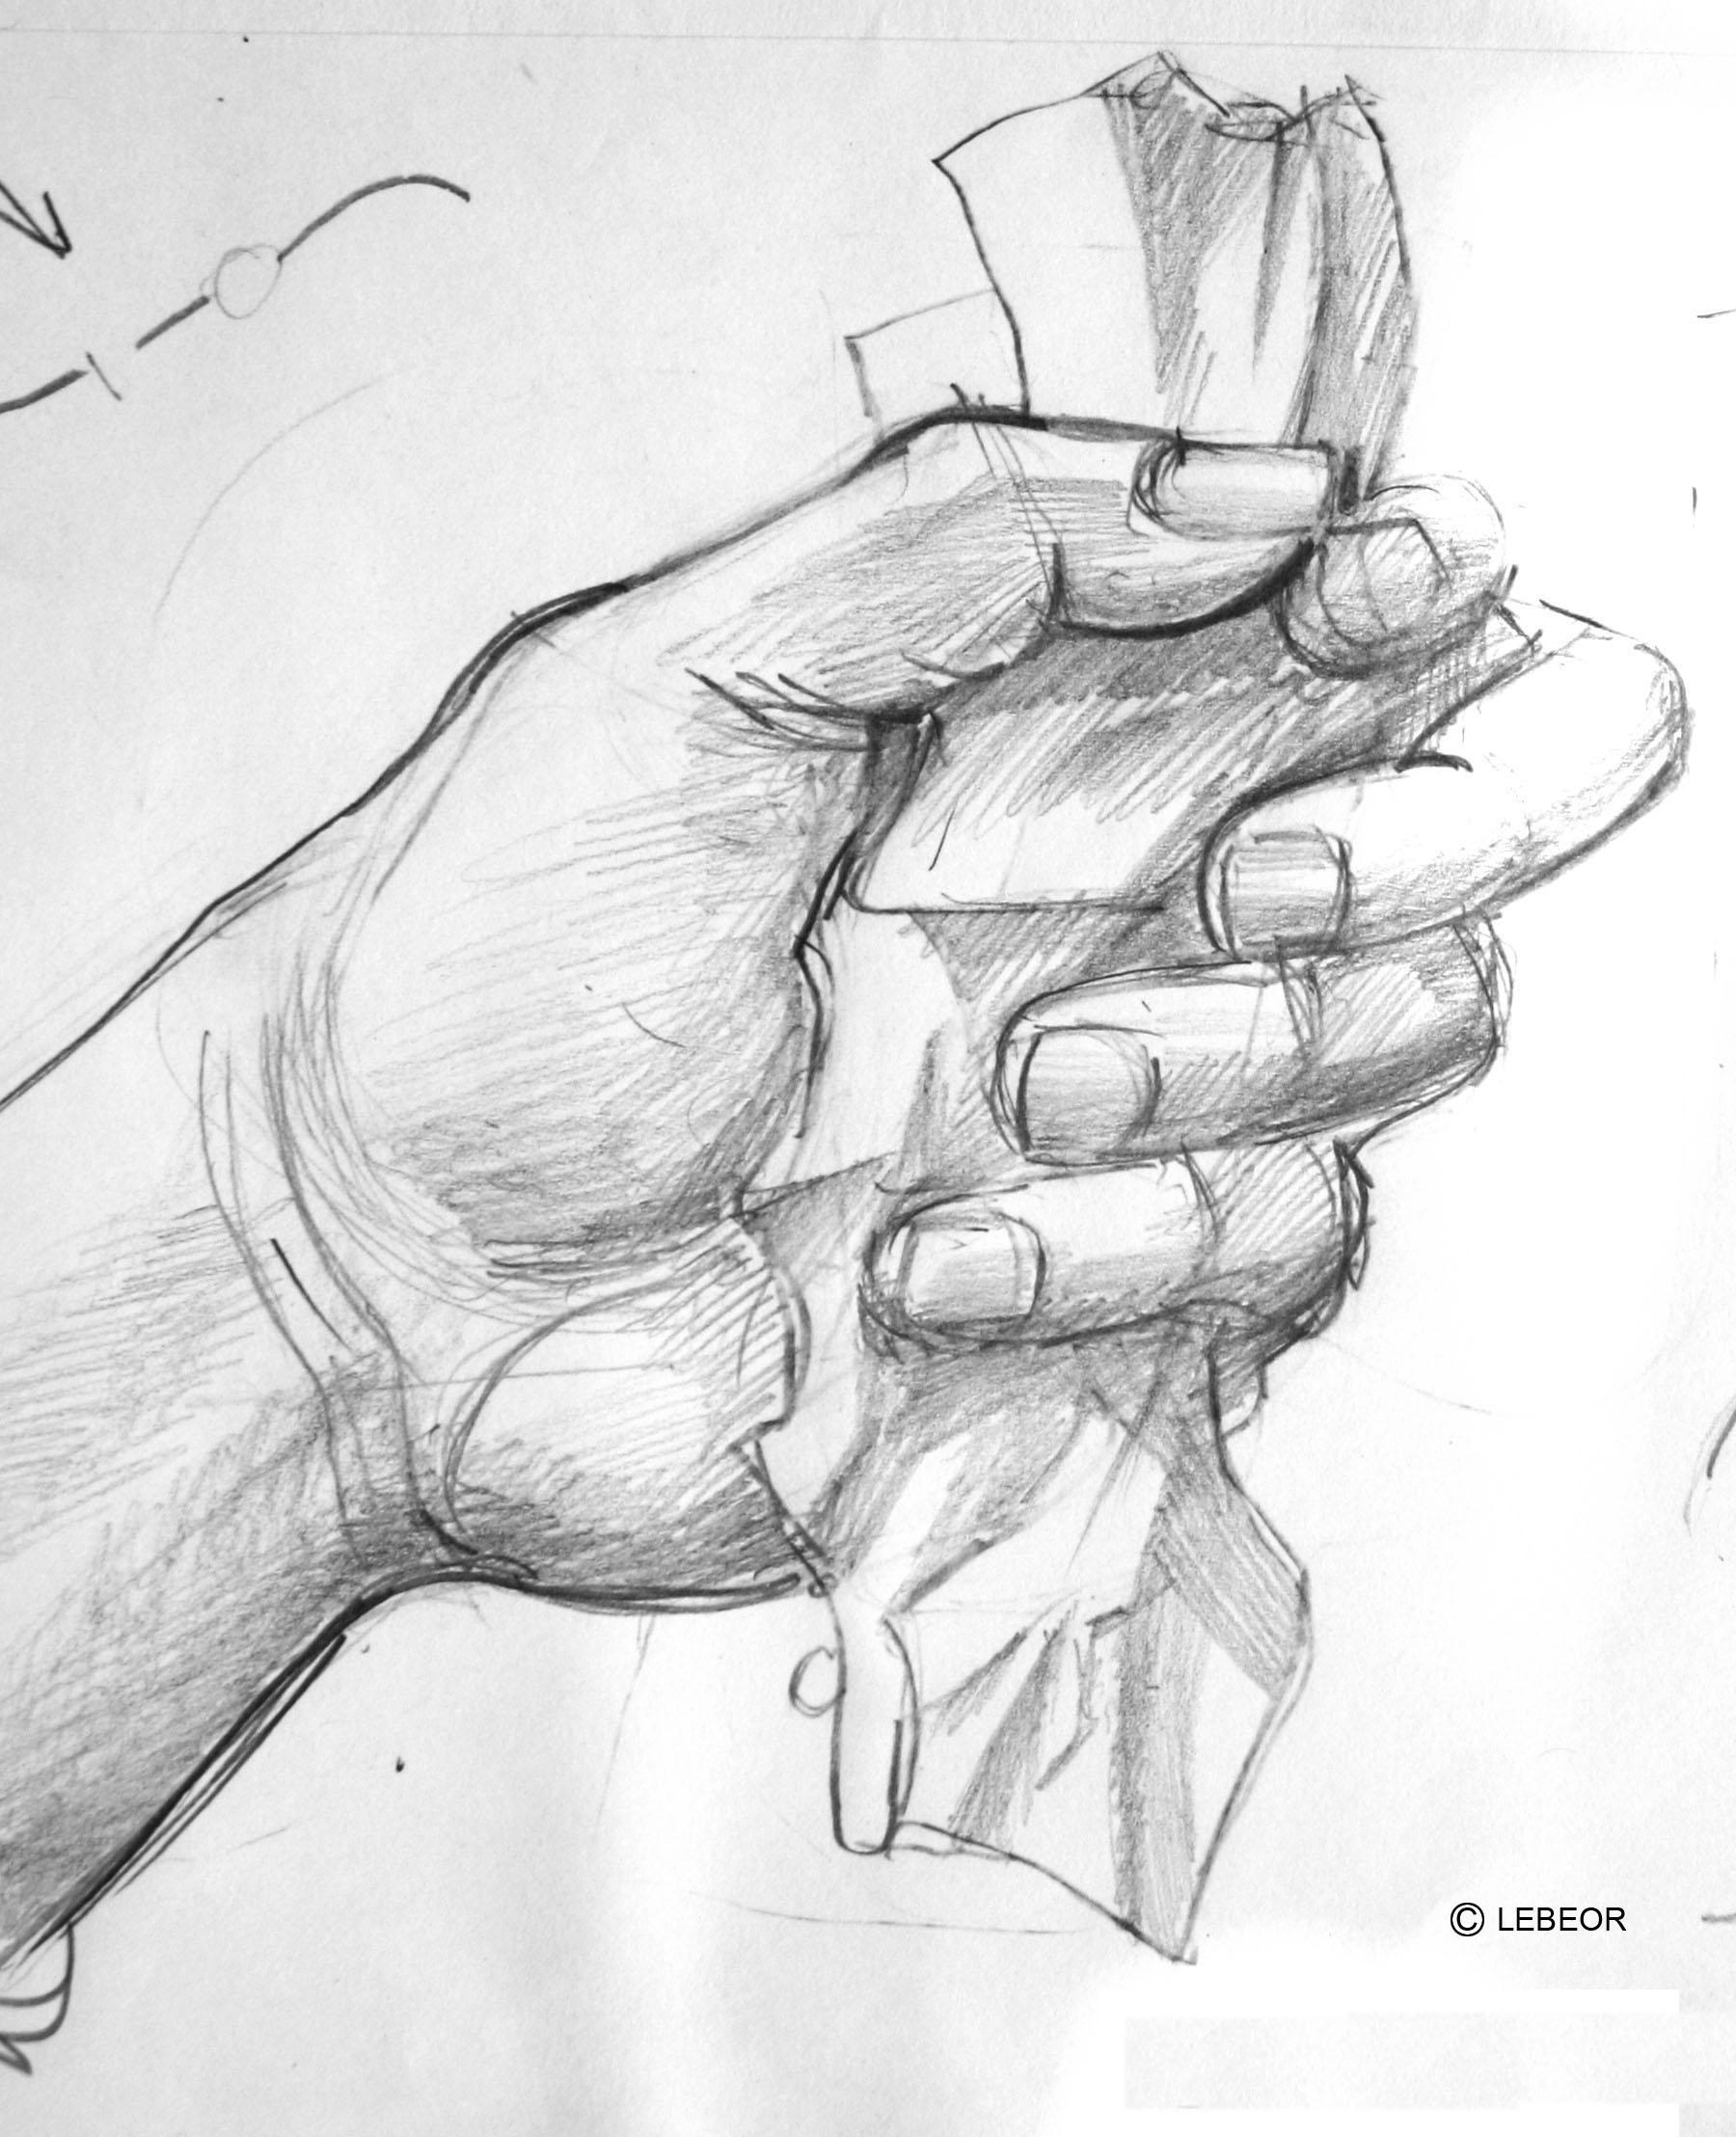 ac_W_g78_HS_07 hand sf.JPG